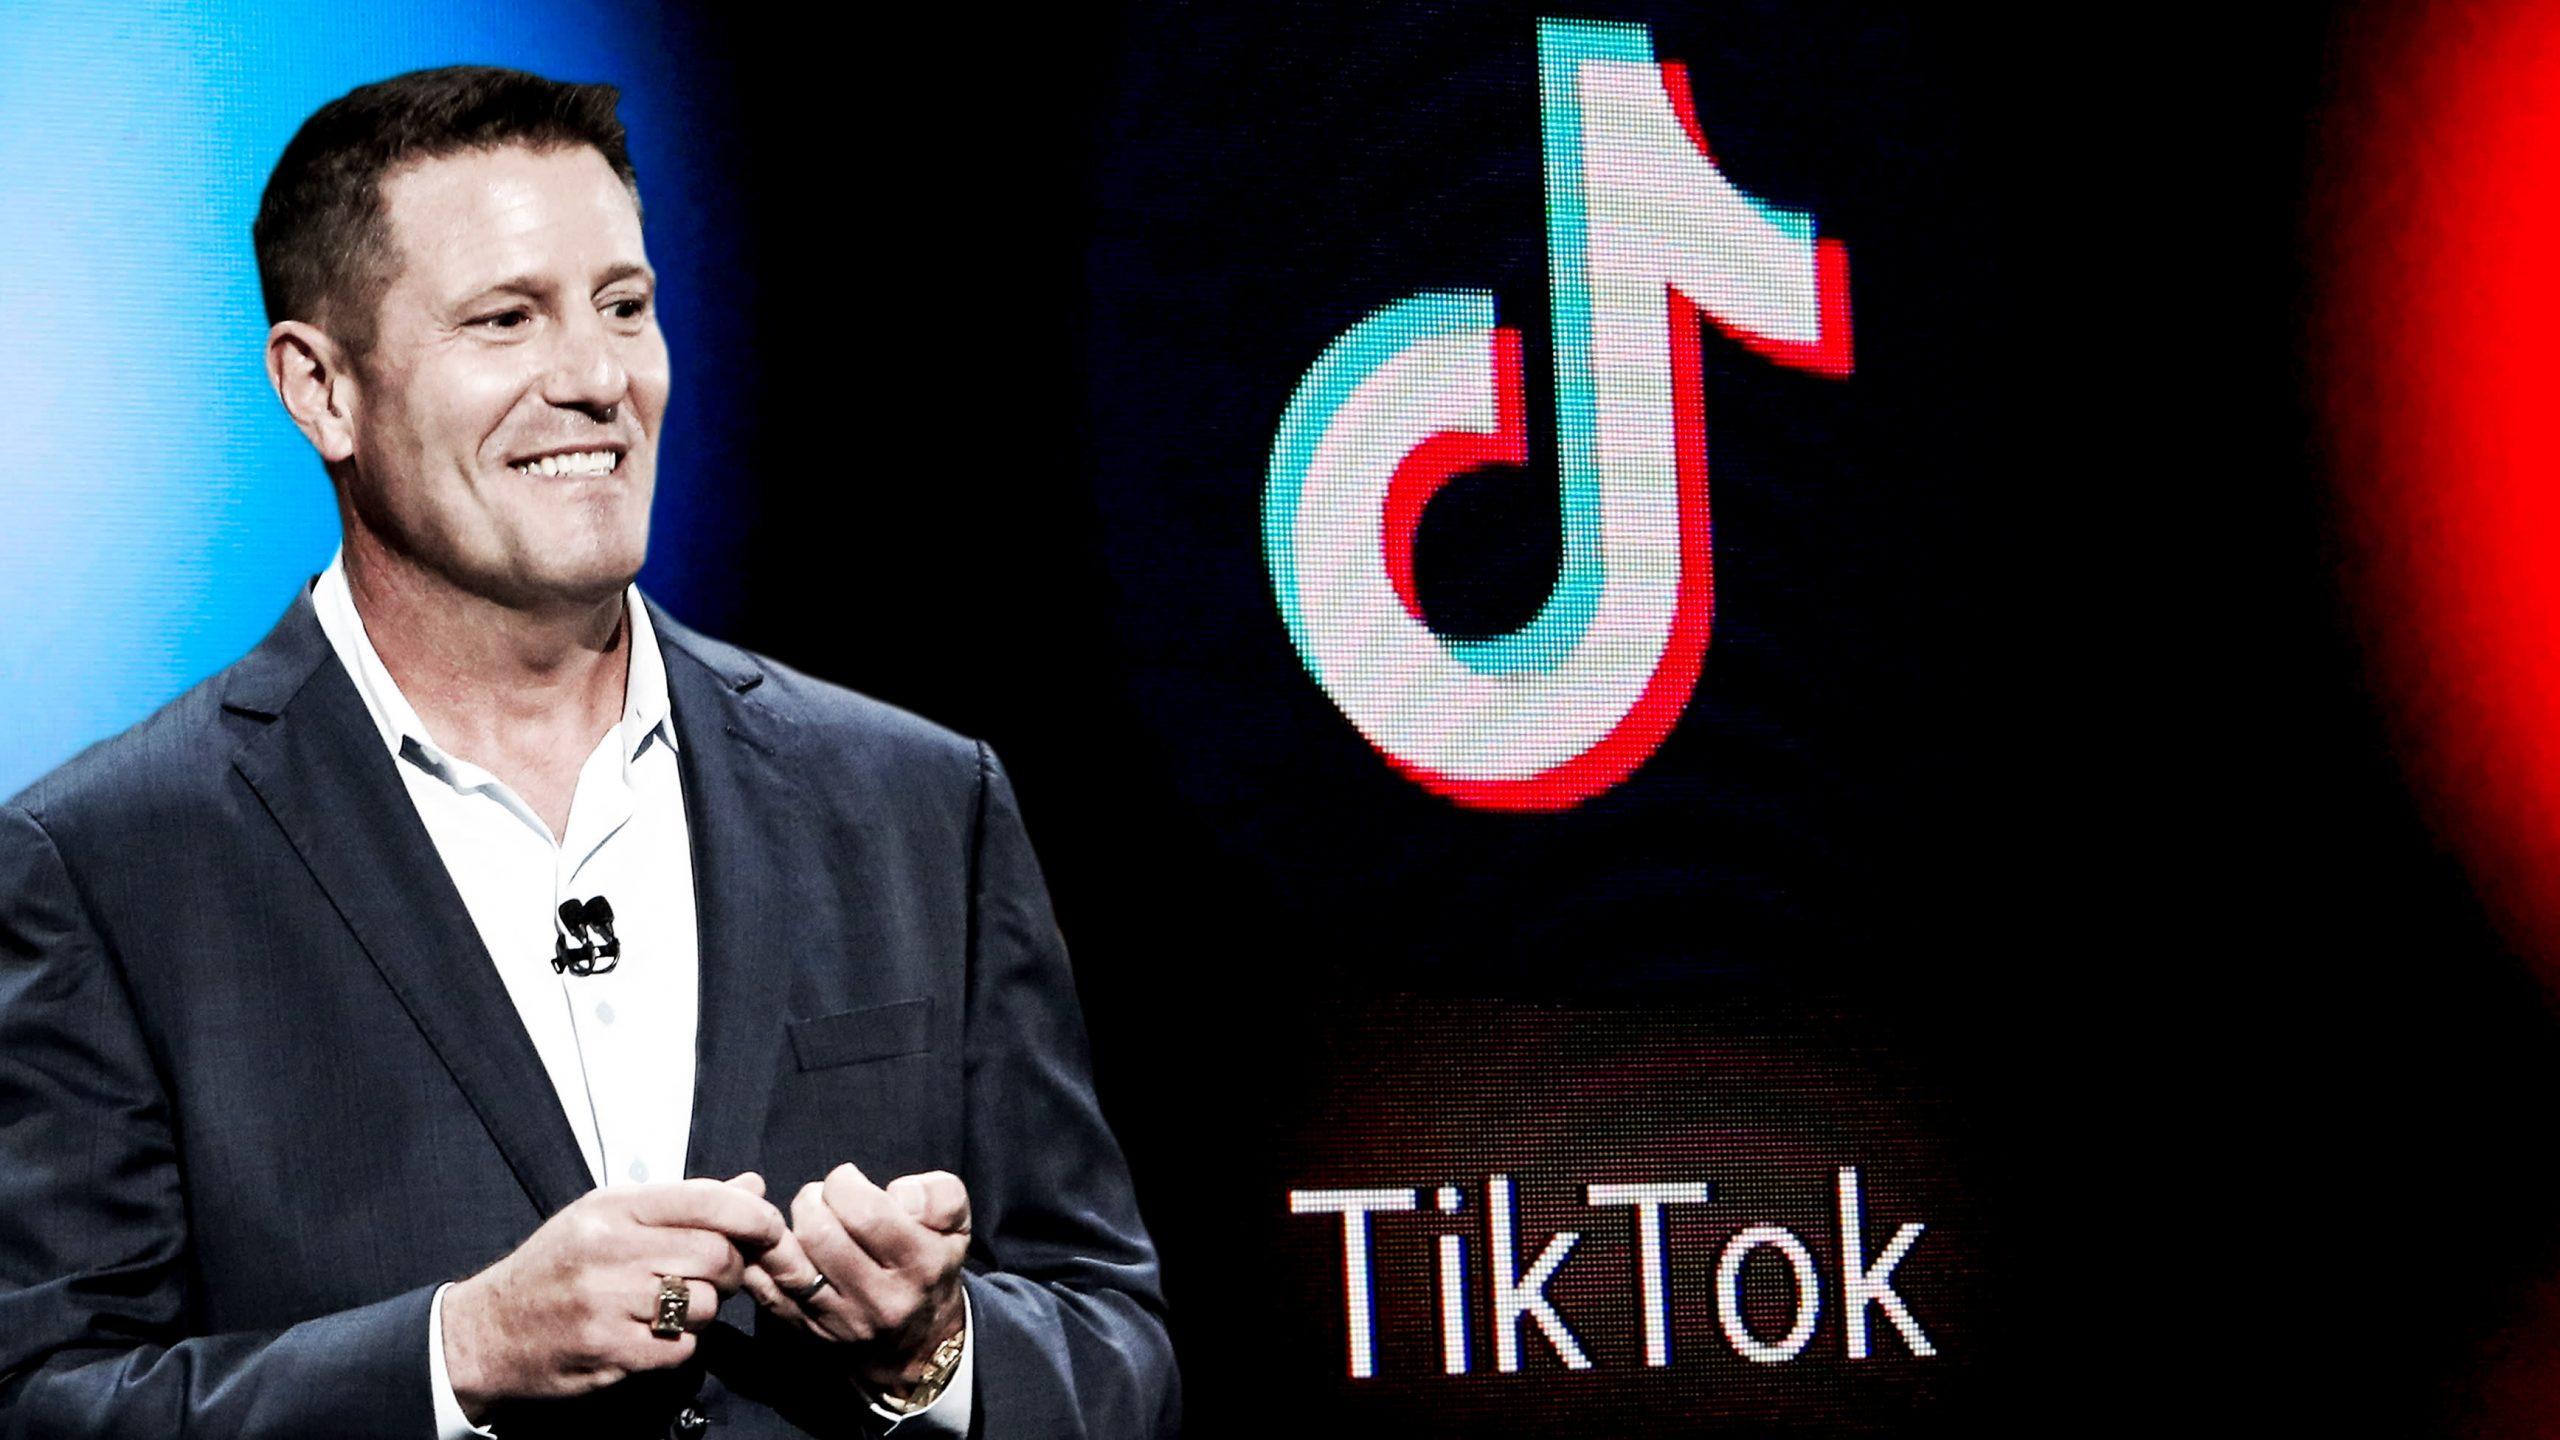 TikTok использует американское законодательство для скрытия злоупотреблений сбором данных